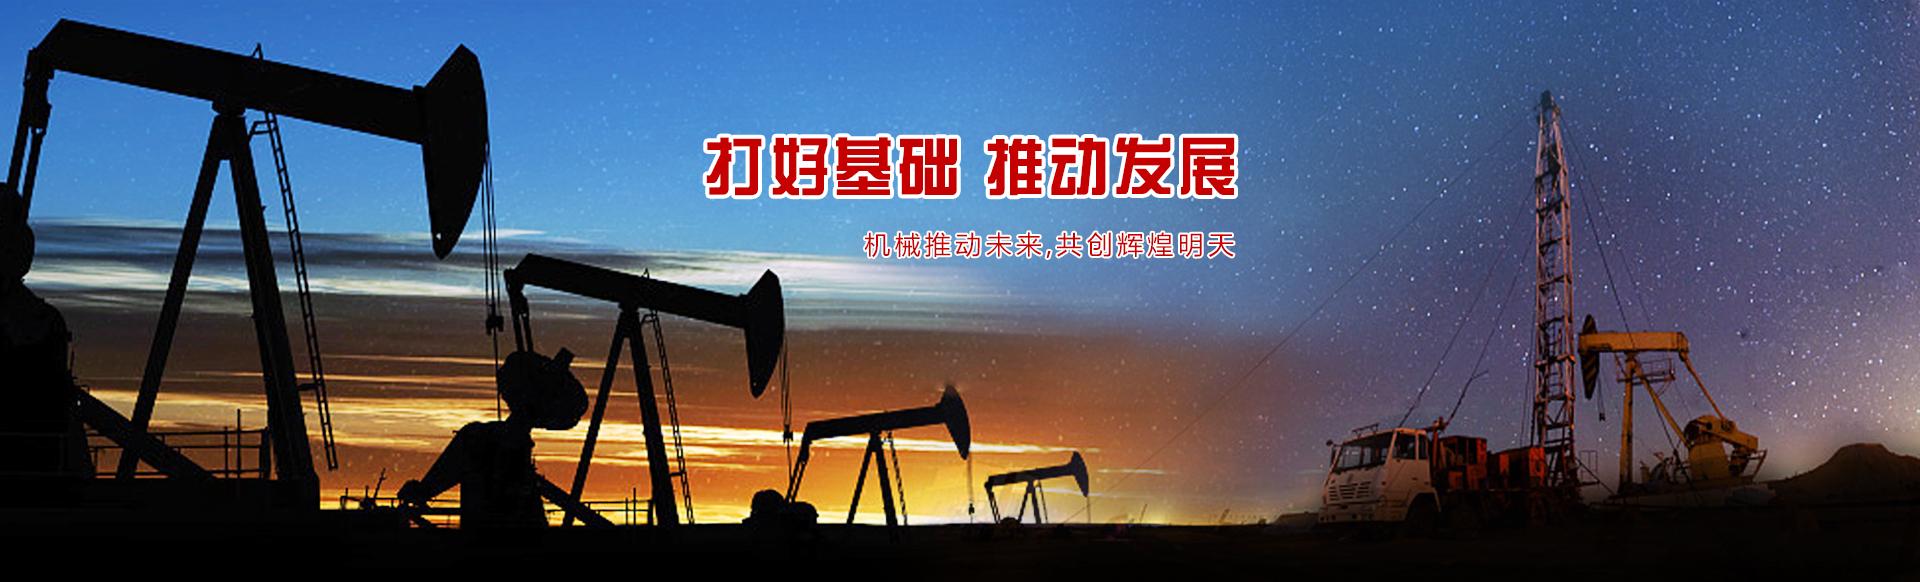 贵州亿博信誉平台工程